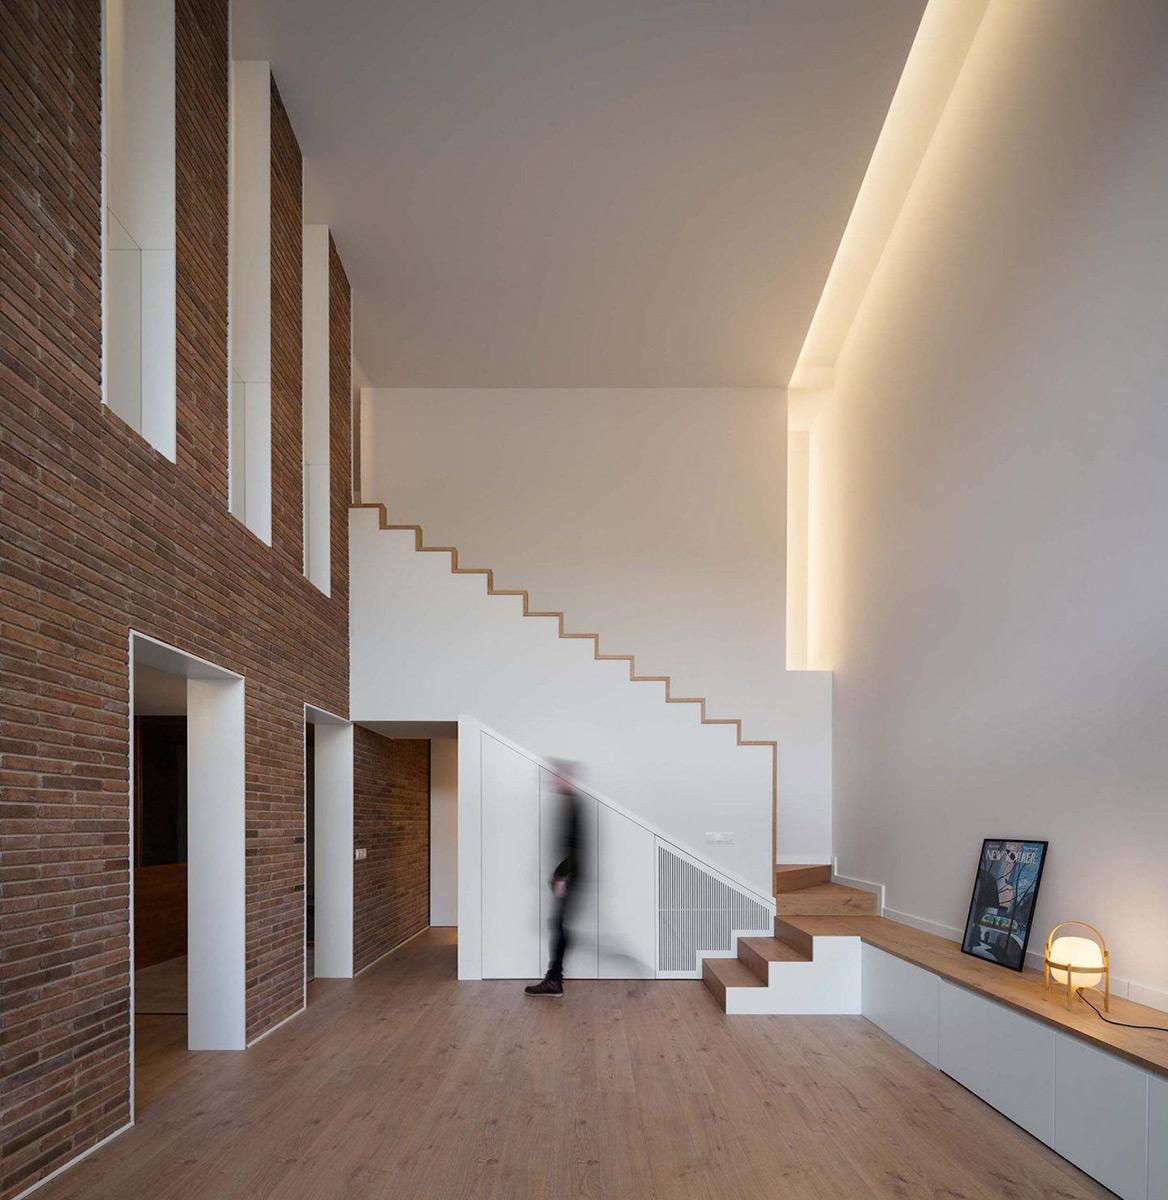 Jordi-Anna-renovation-Hiha-Studio-03